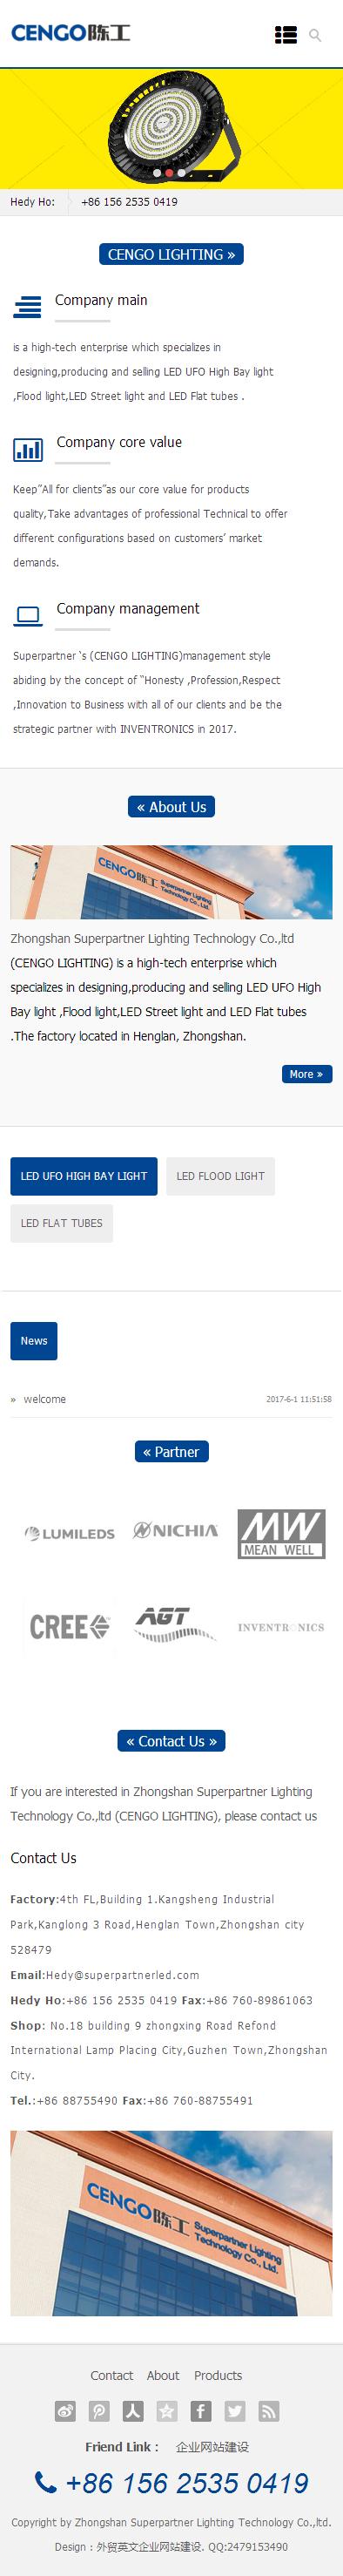 中山cengo led灯外贸英文网站建设案例